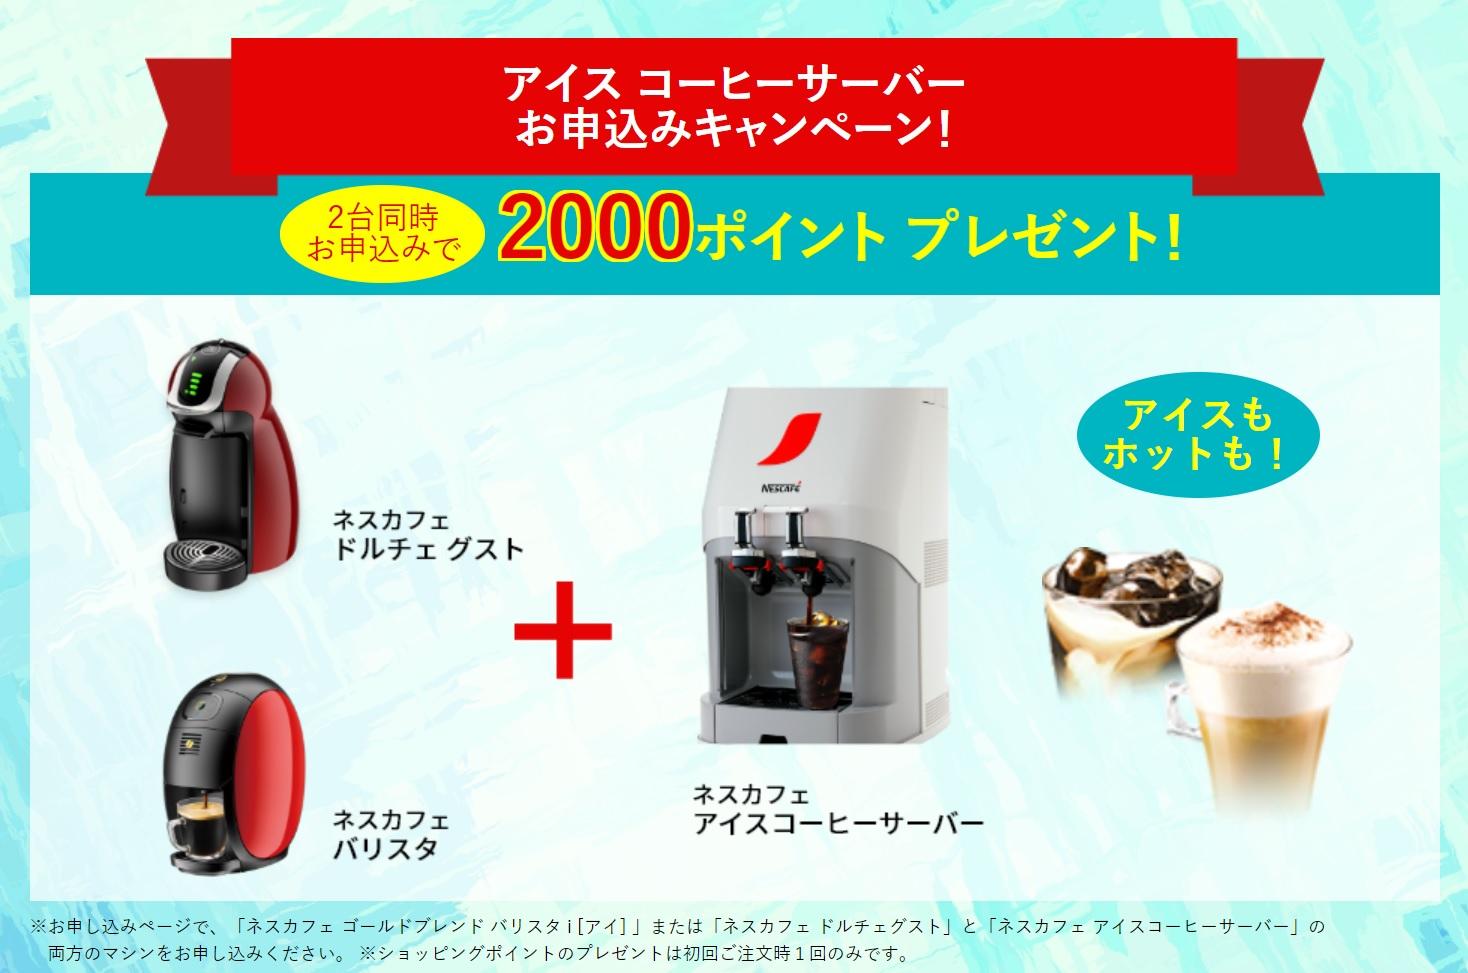 アイスコーヒーサーバーキャンペーン